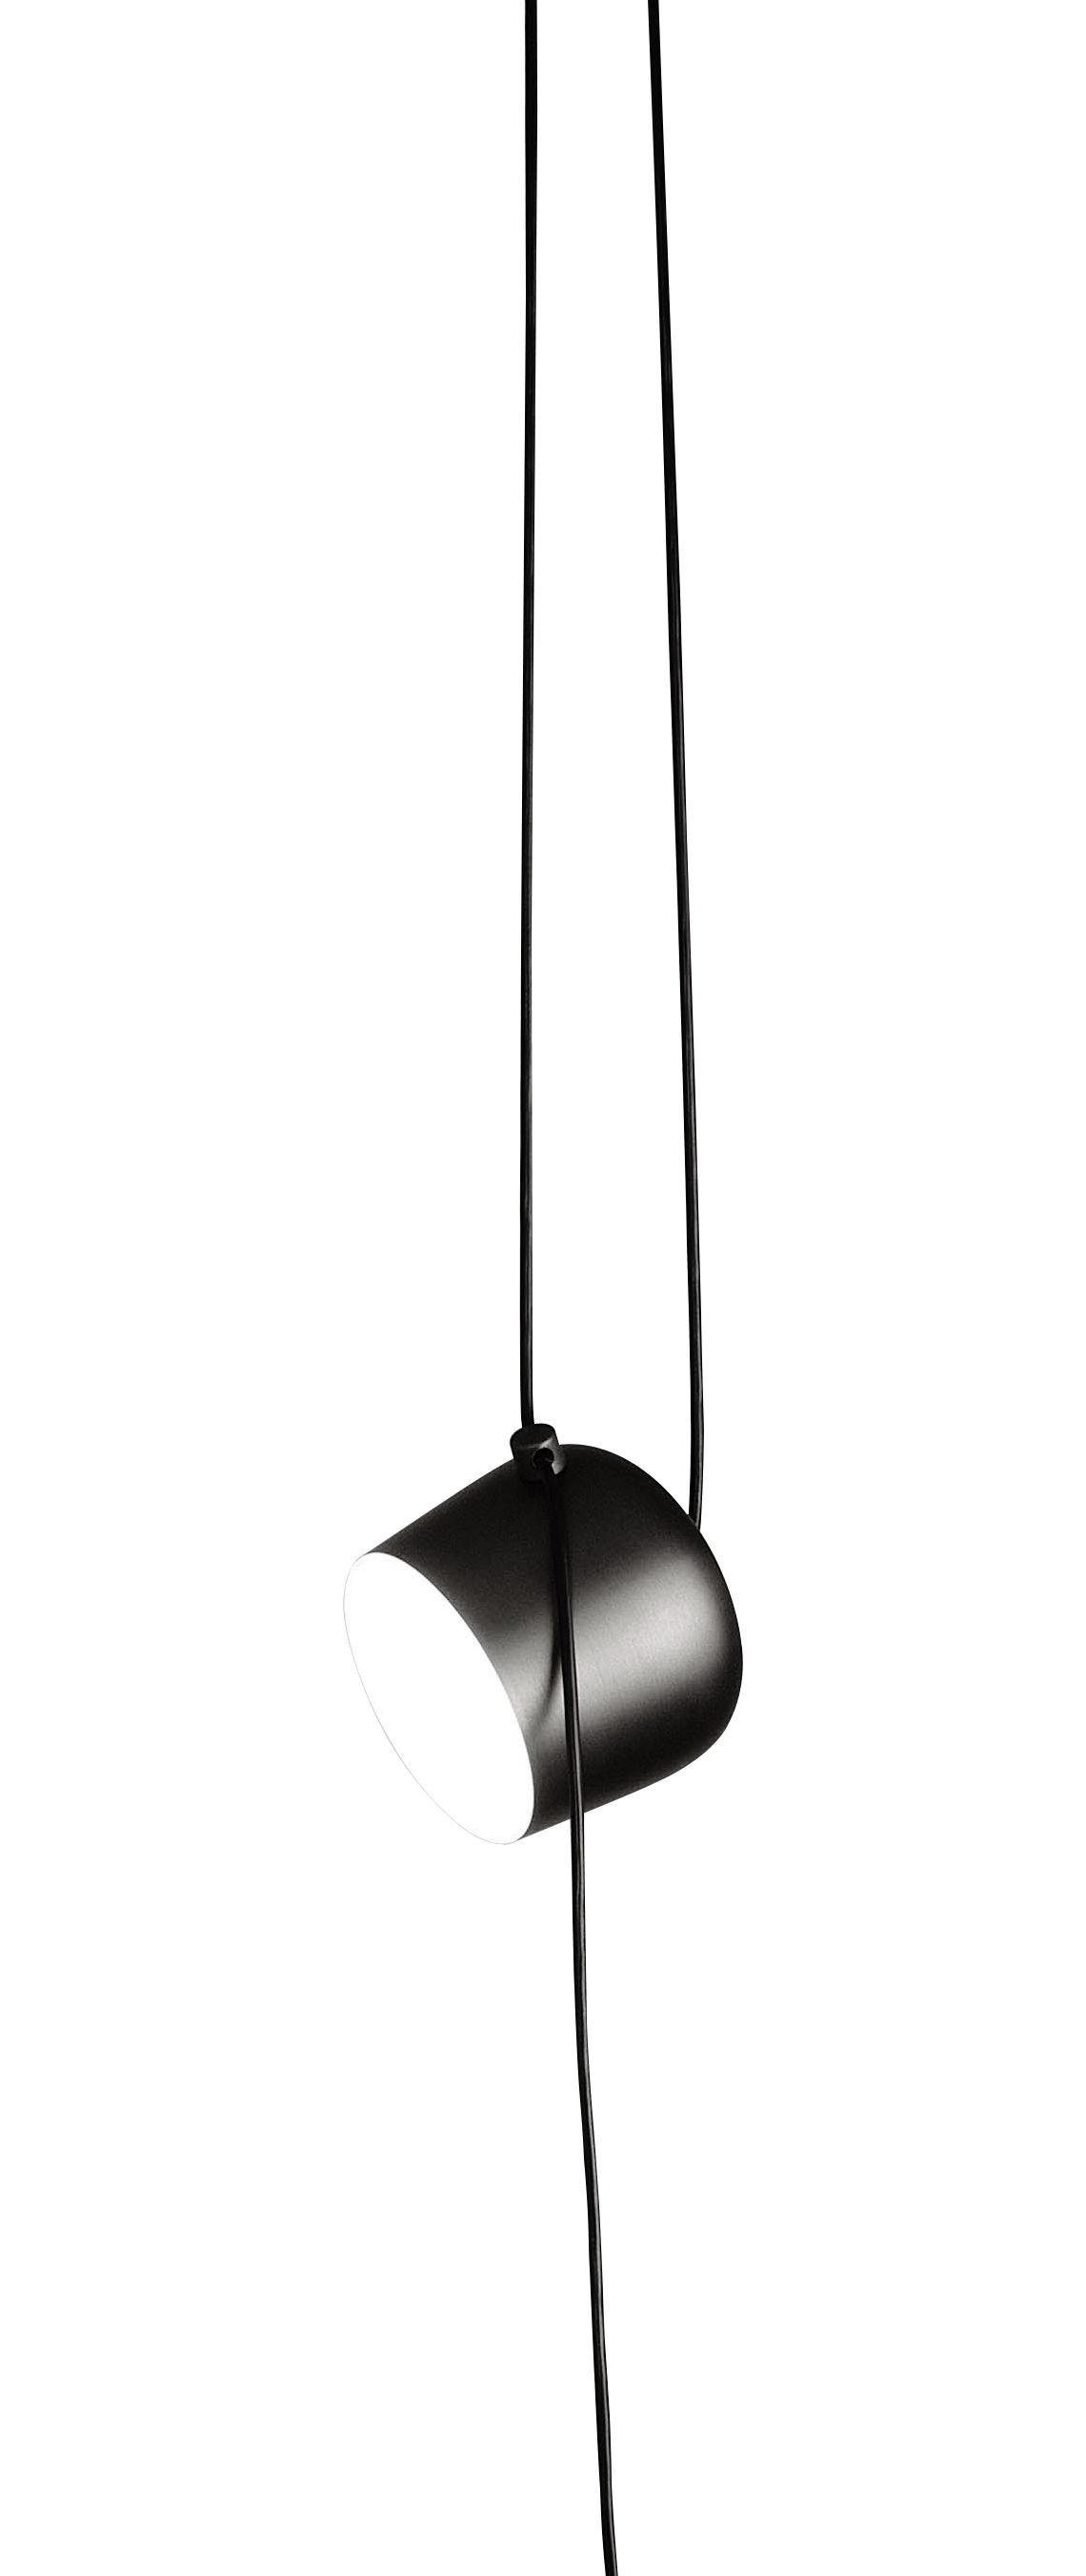 Luminaire - Suspensions - Suspension AIM Small LED  - Ø 17 cm - Flos - Noir - Aluminium, Polycarbonate